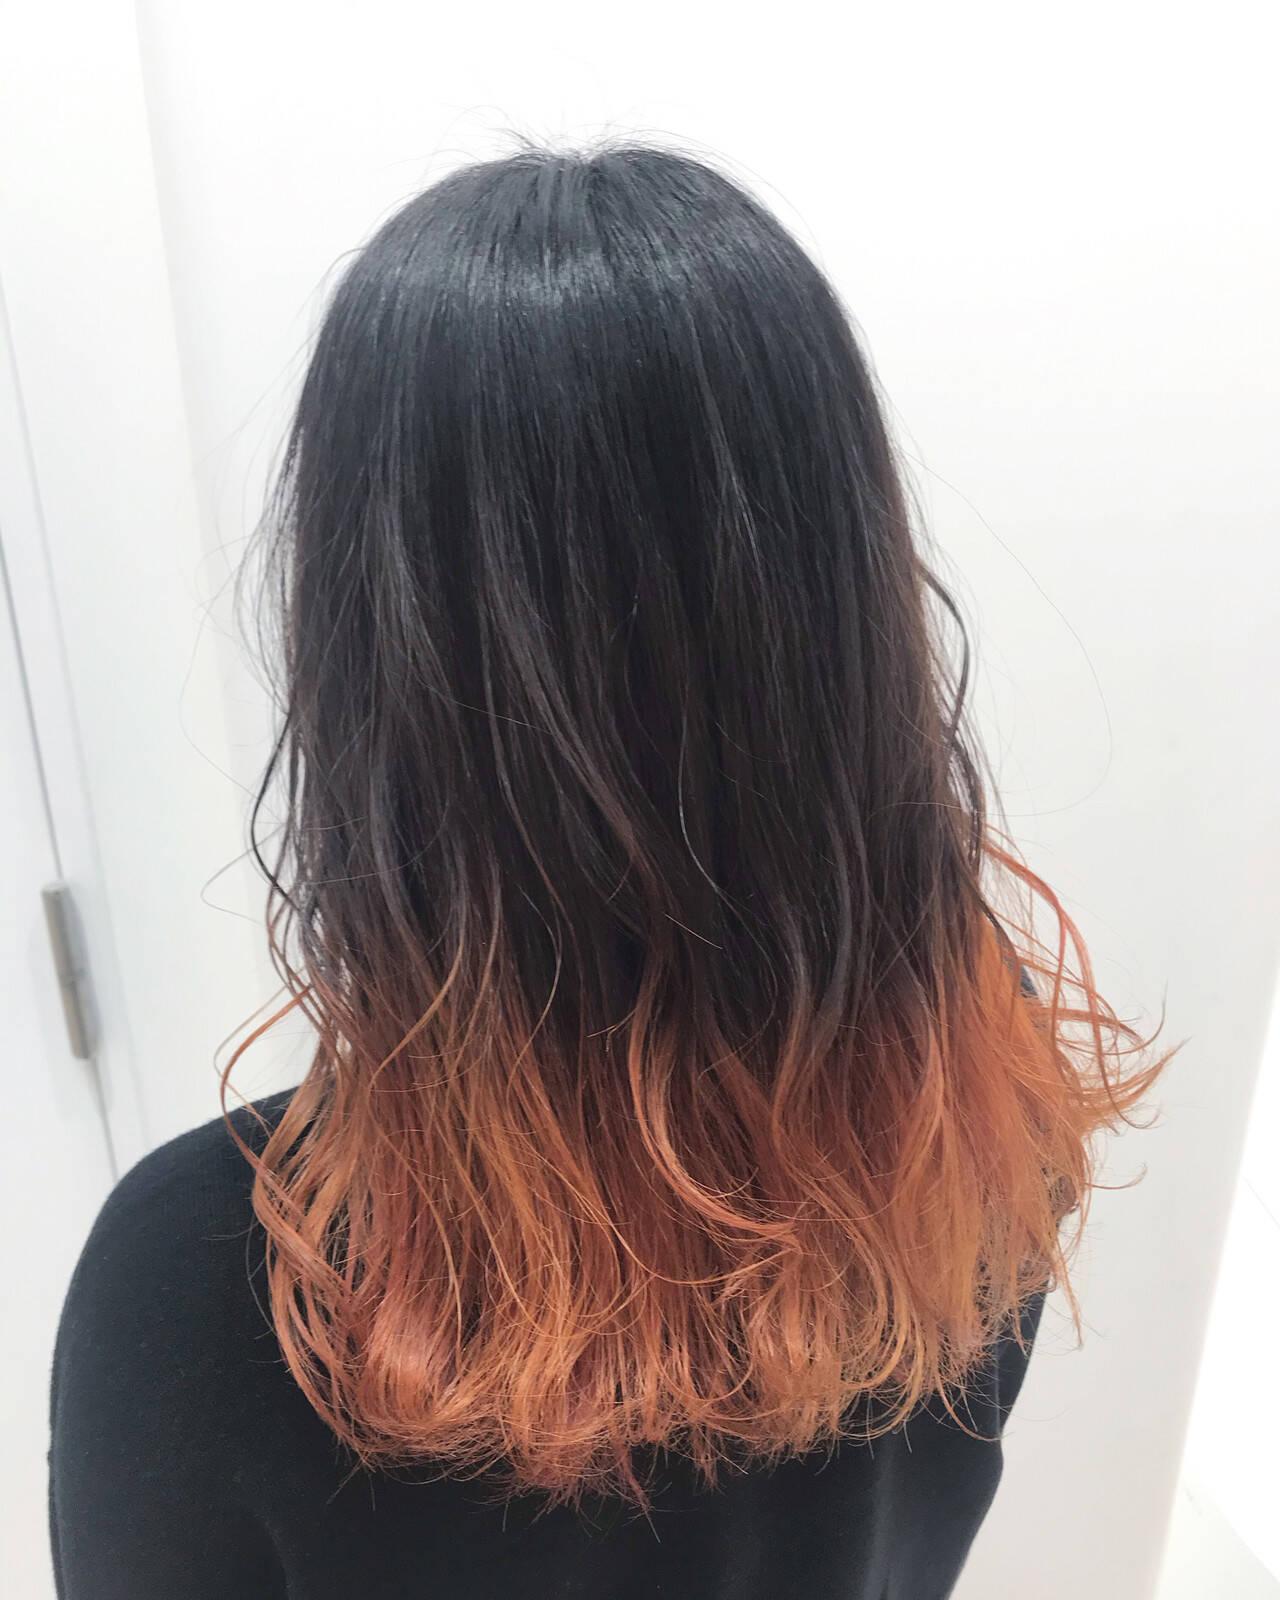 アプリコットオレンジ オレンジカラー モード オレンジヘアスタイルや髪型の写真・画像